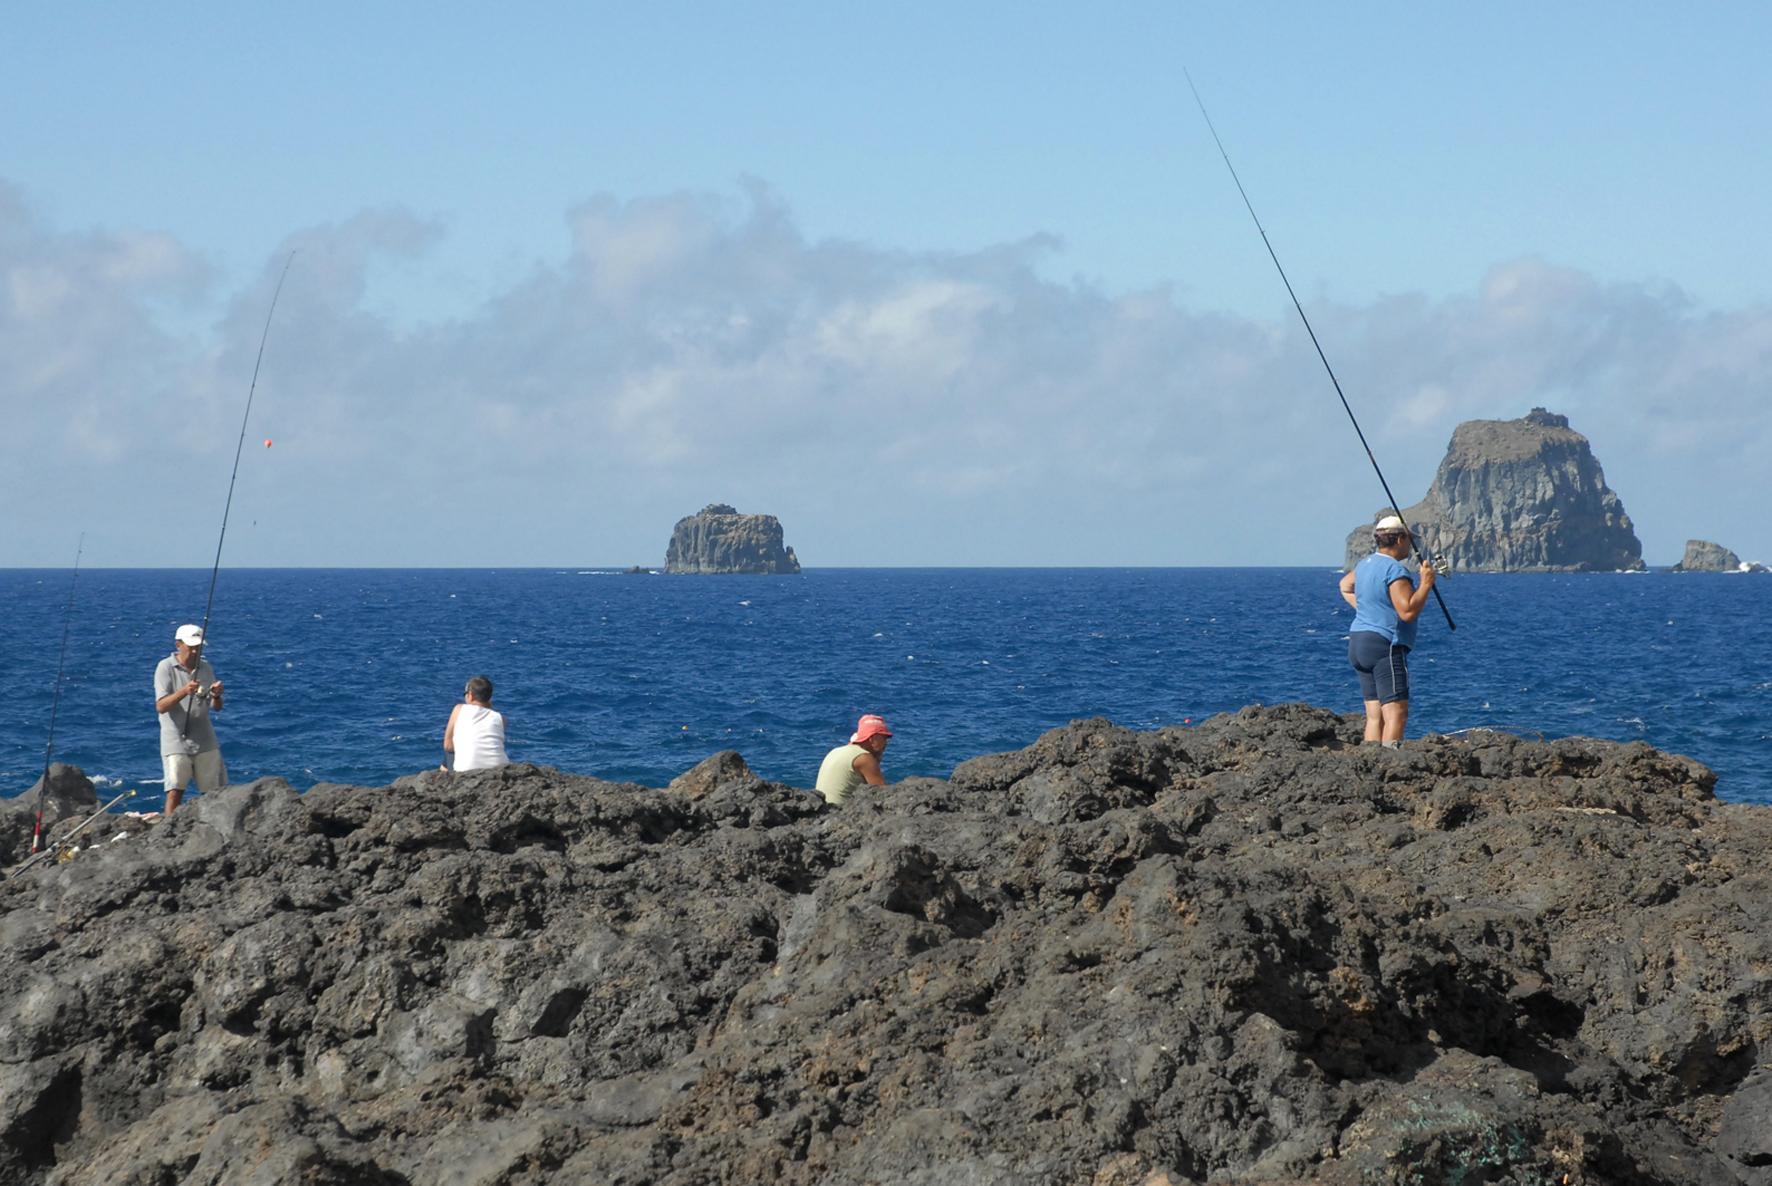 La pesca recreativa muestra la importancia económica del sector en el Parlamento de Canarias